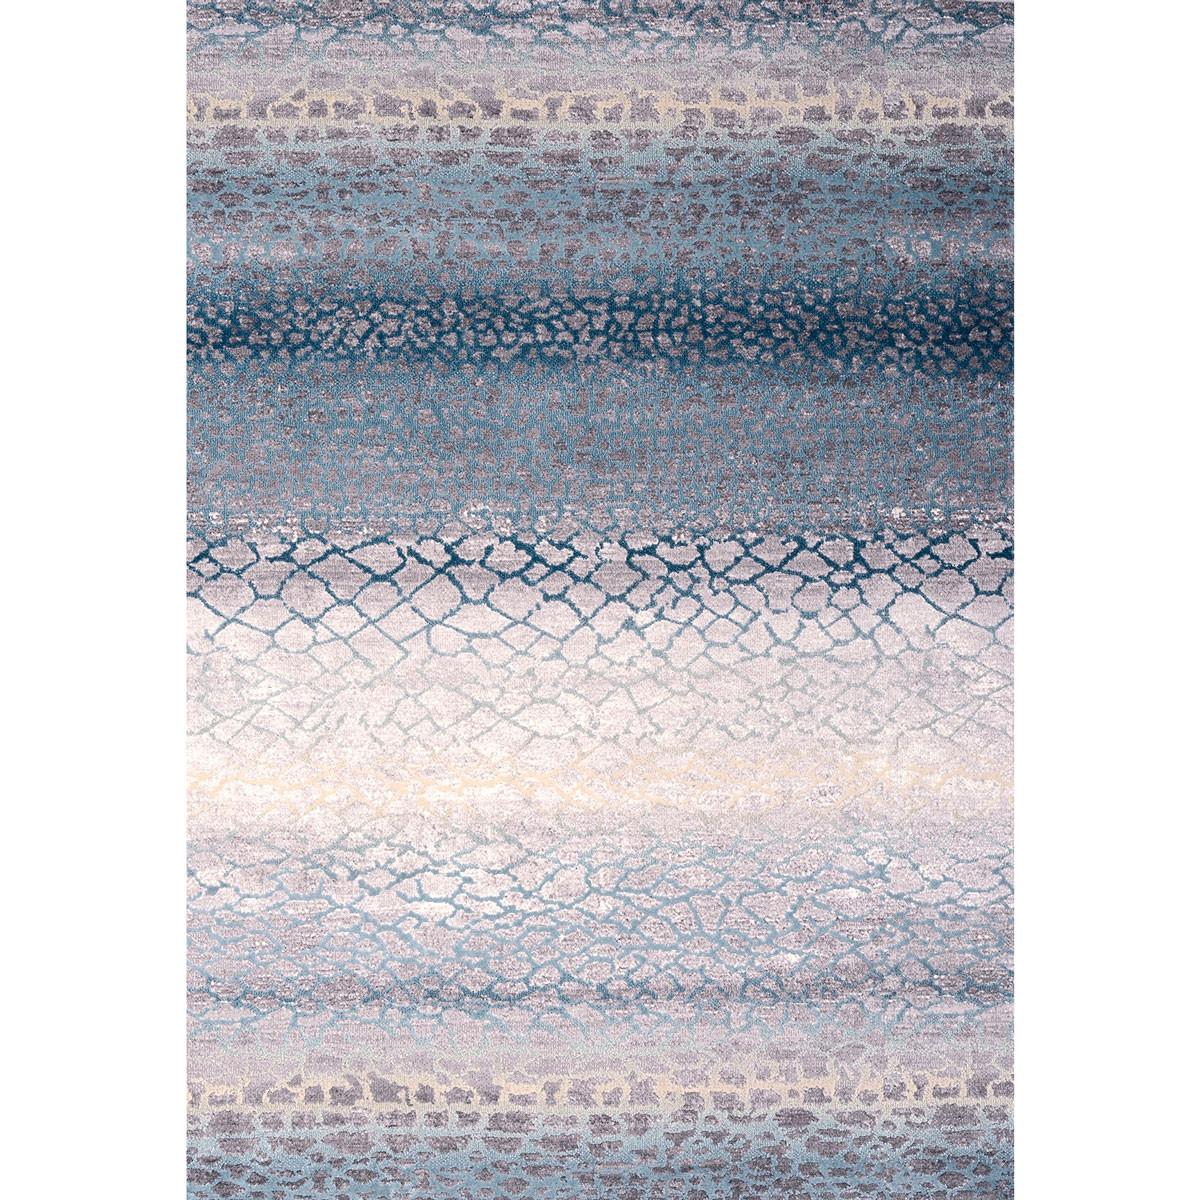 Χαλιά Κρεβατοκάμαρας (Σετ 3τμχ) Colore Colori Thema 14824/396